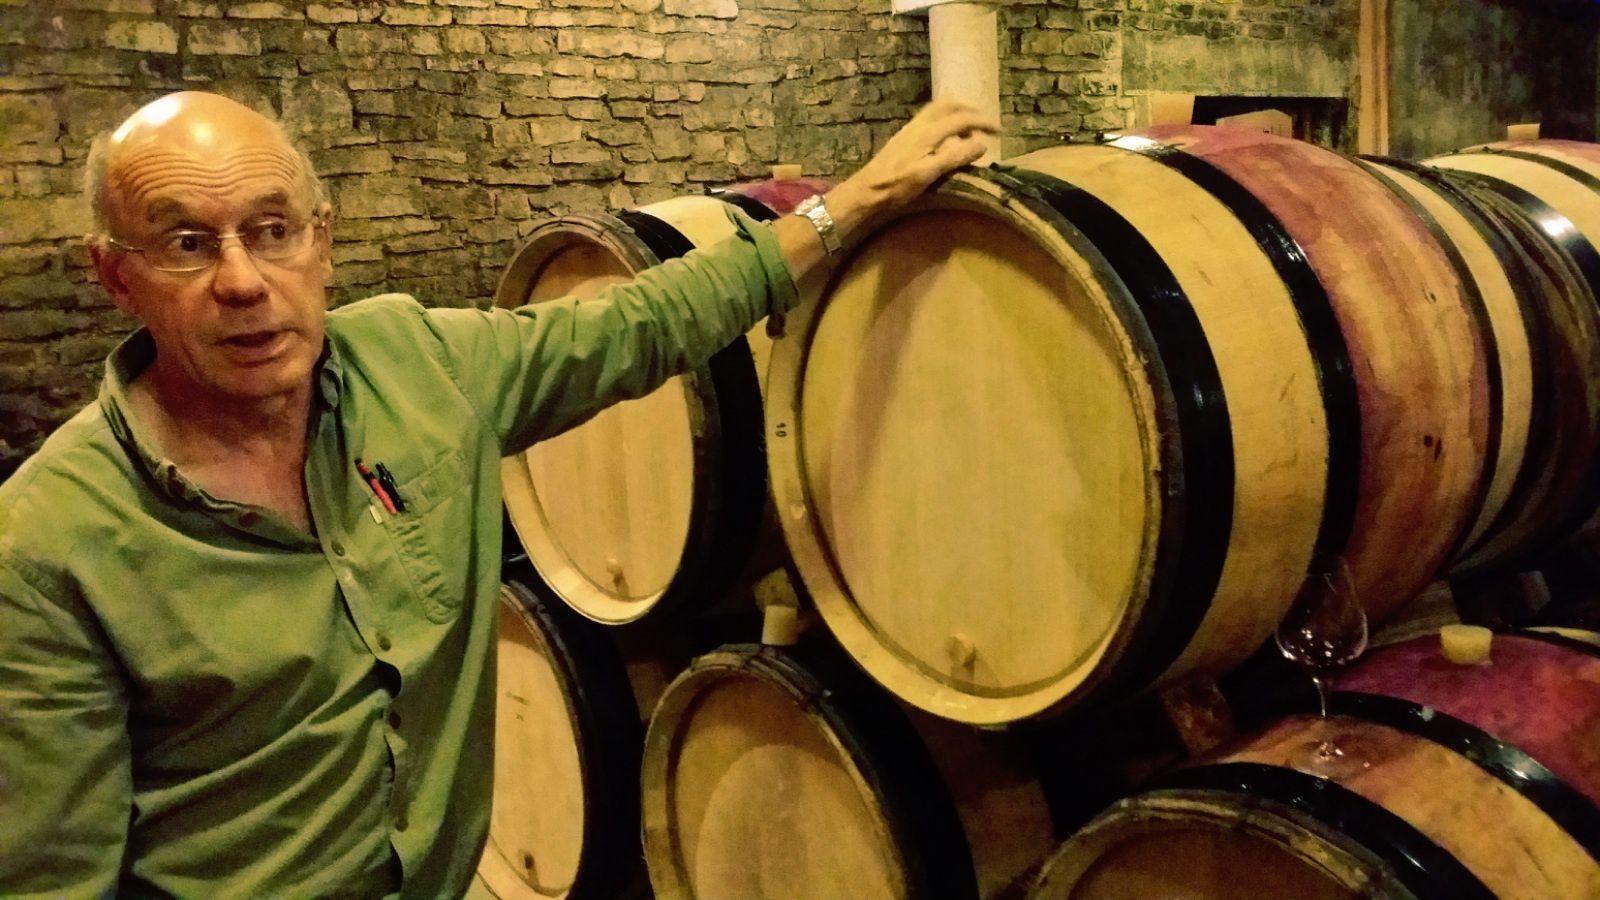 Un vigneron pointilleux, Frédéric Mugnier, qui ne laisse rien au hasard...